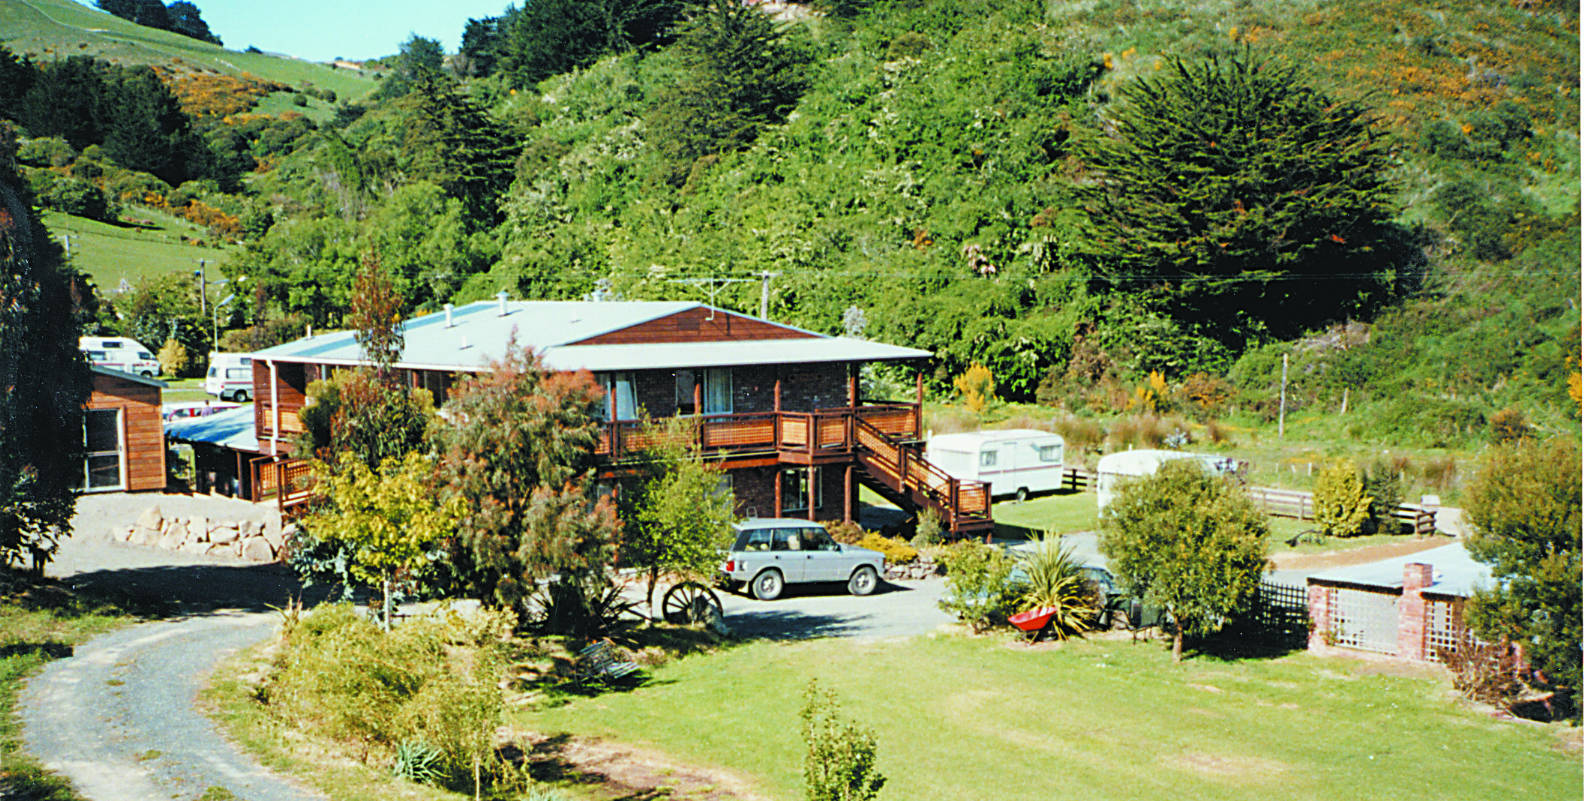 Portobello Village Kiwi Tourist Park